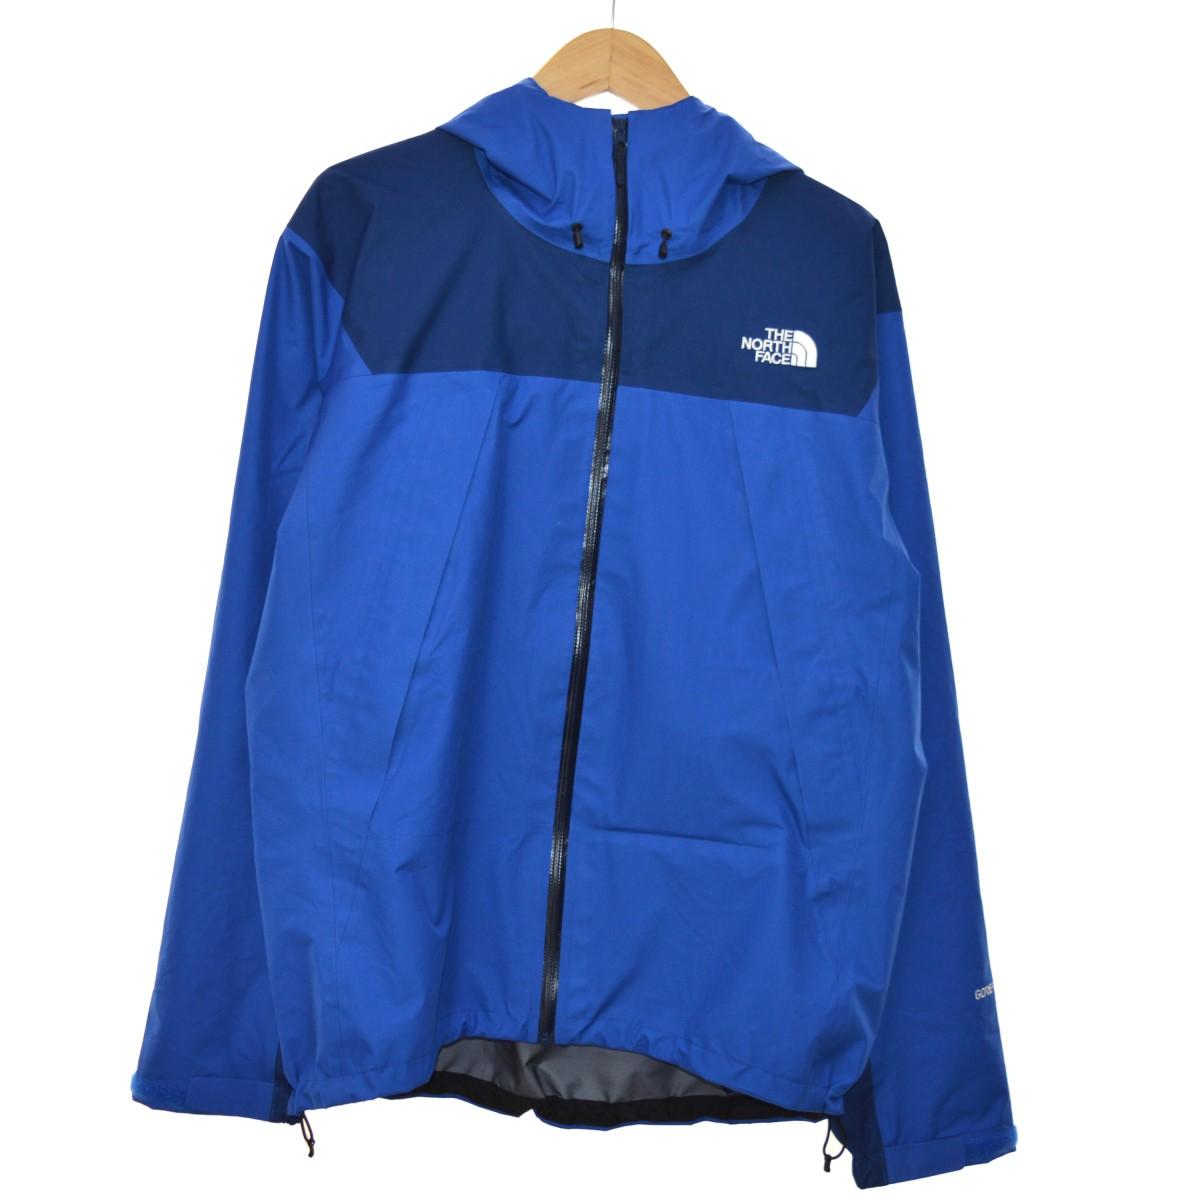 【中古】THE NORTH FACE クライムライトジャケット マウンテンパーカー ブルー サイズ:L 【040520】(ザノースフェイス)